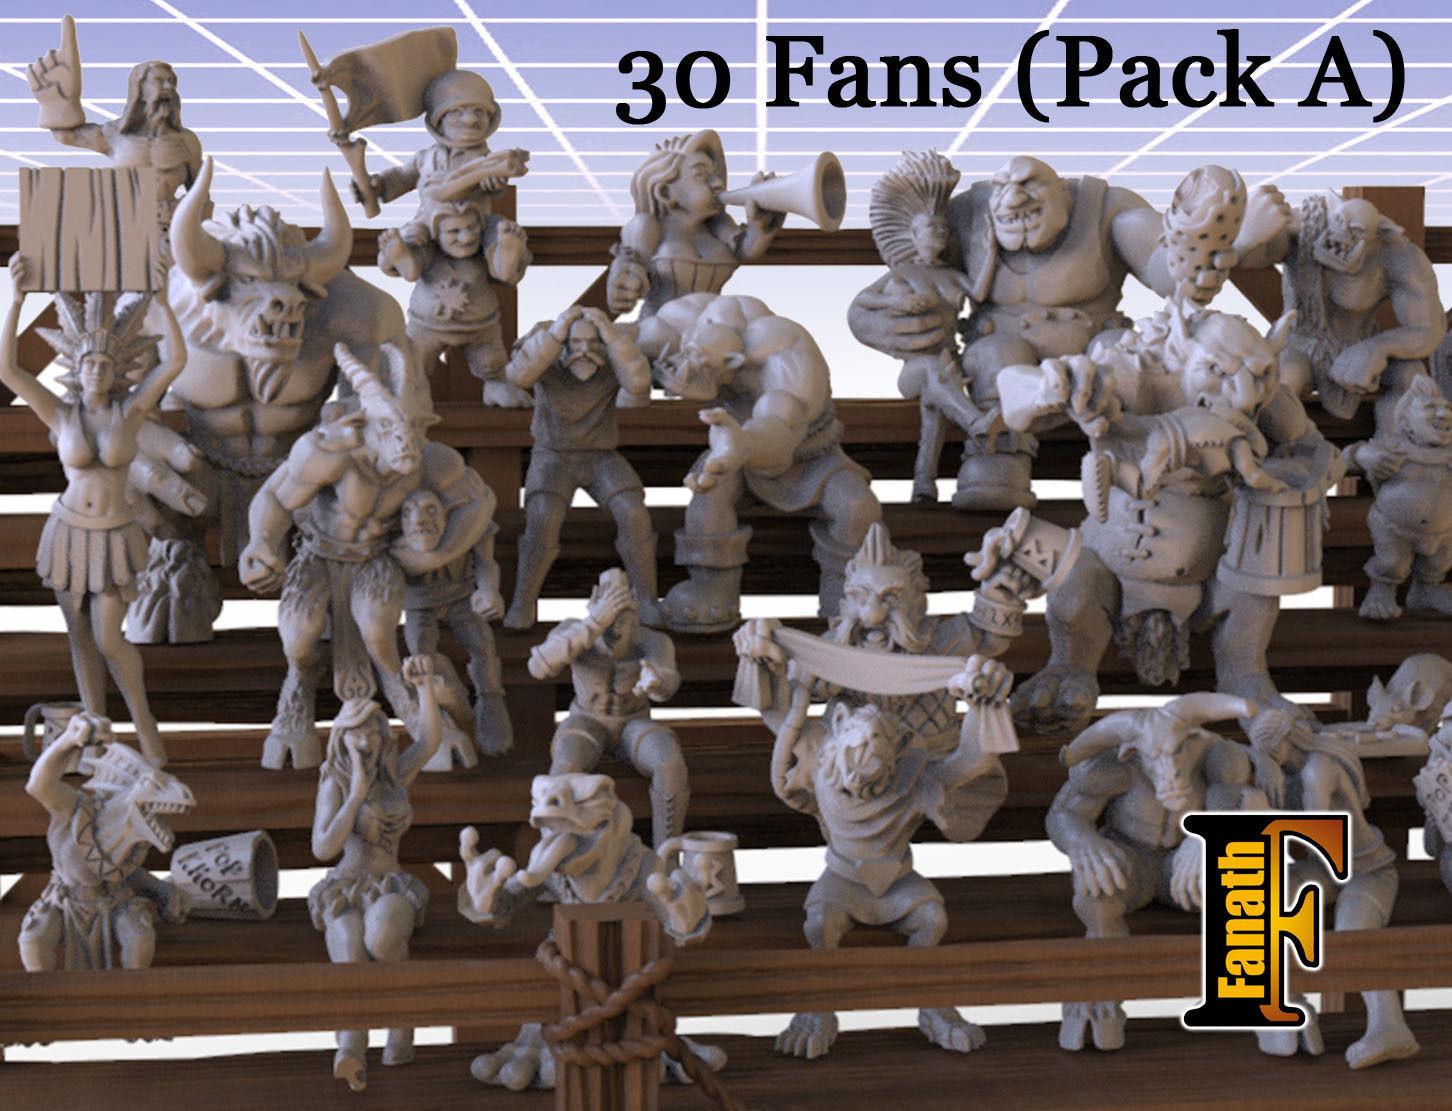 Fans Pack A